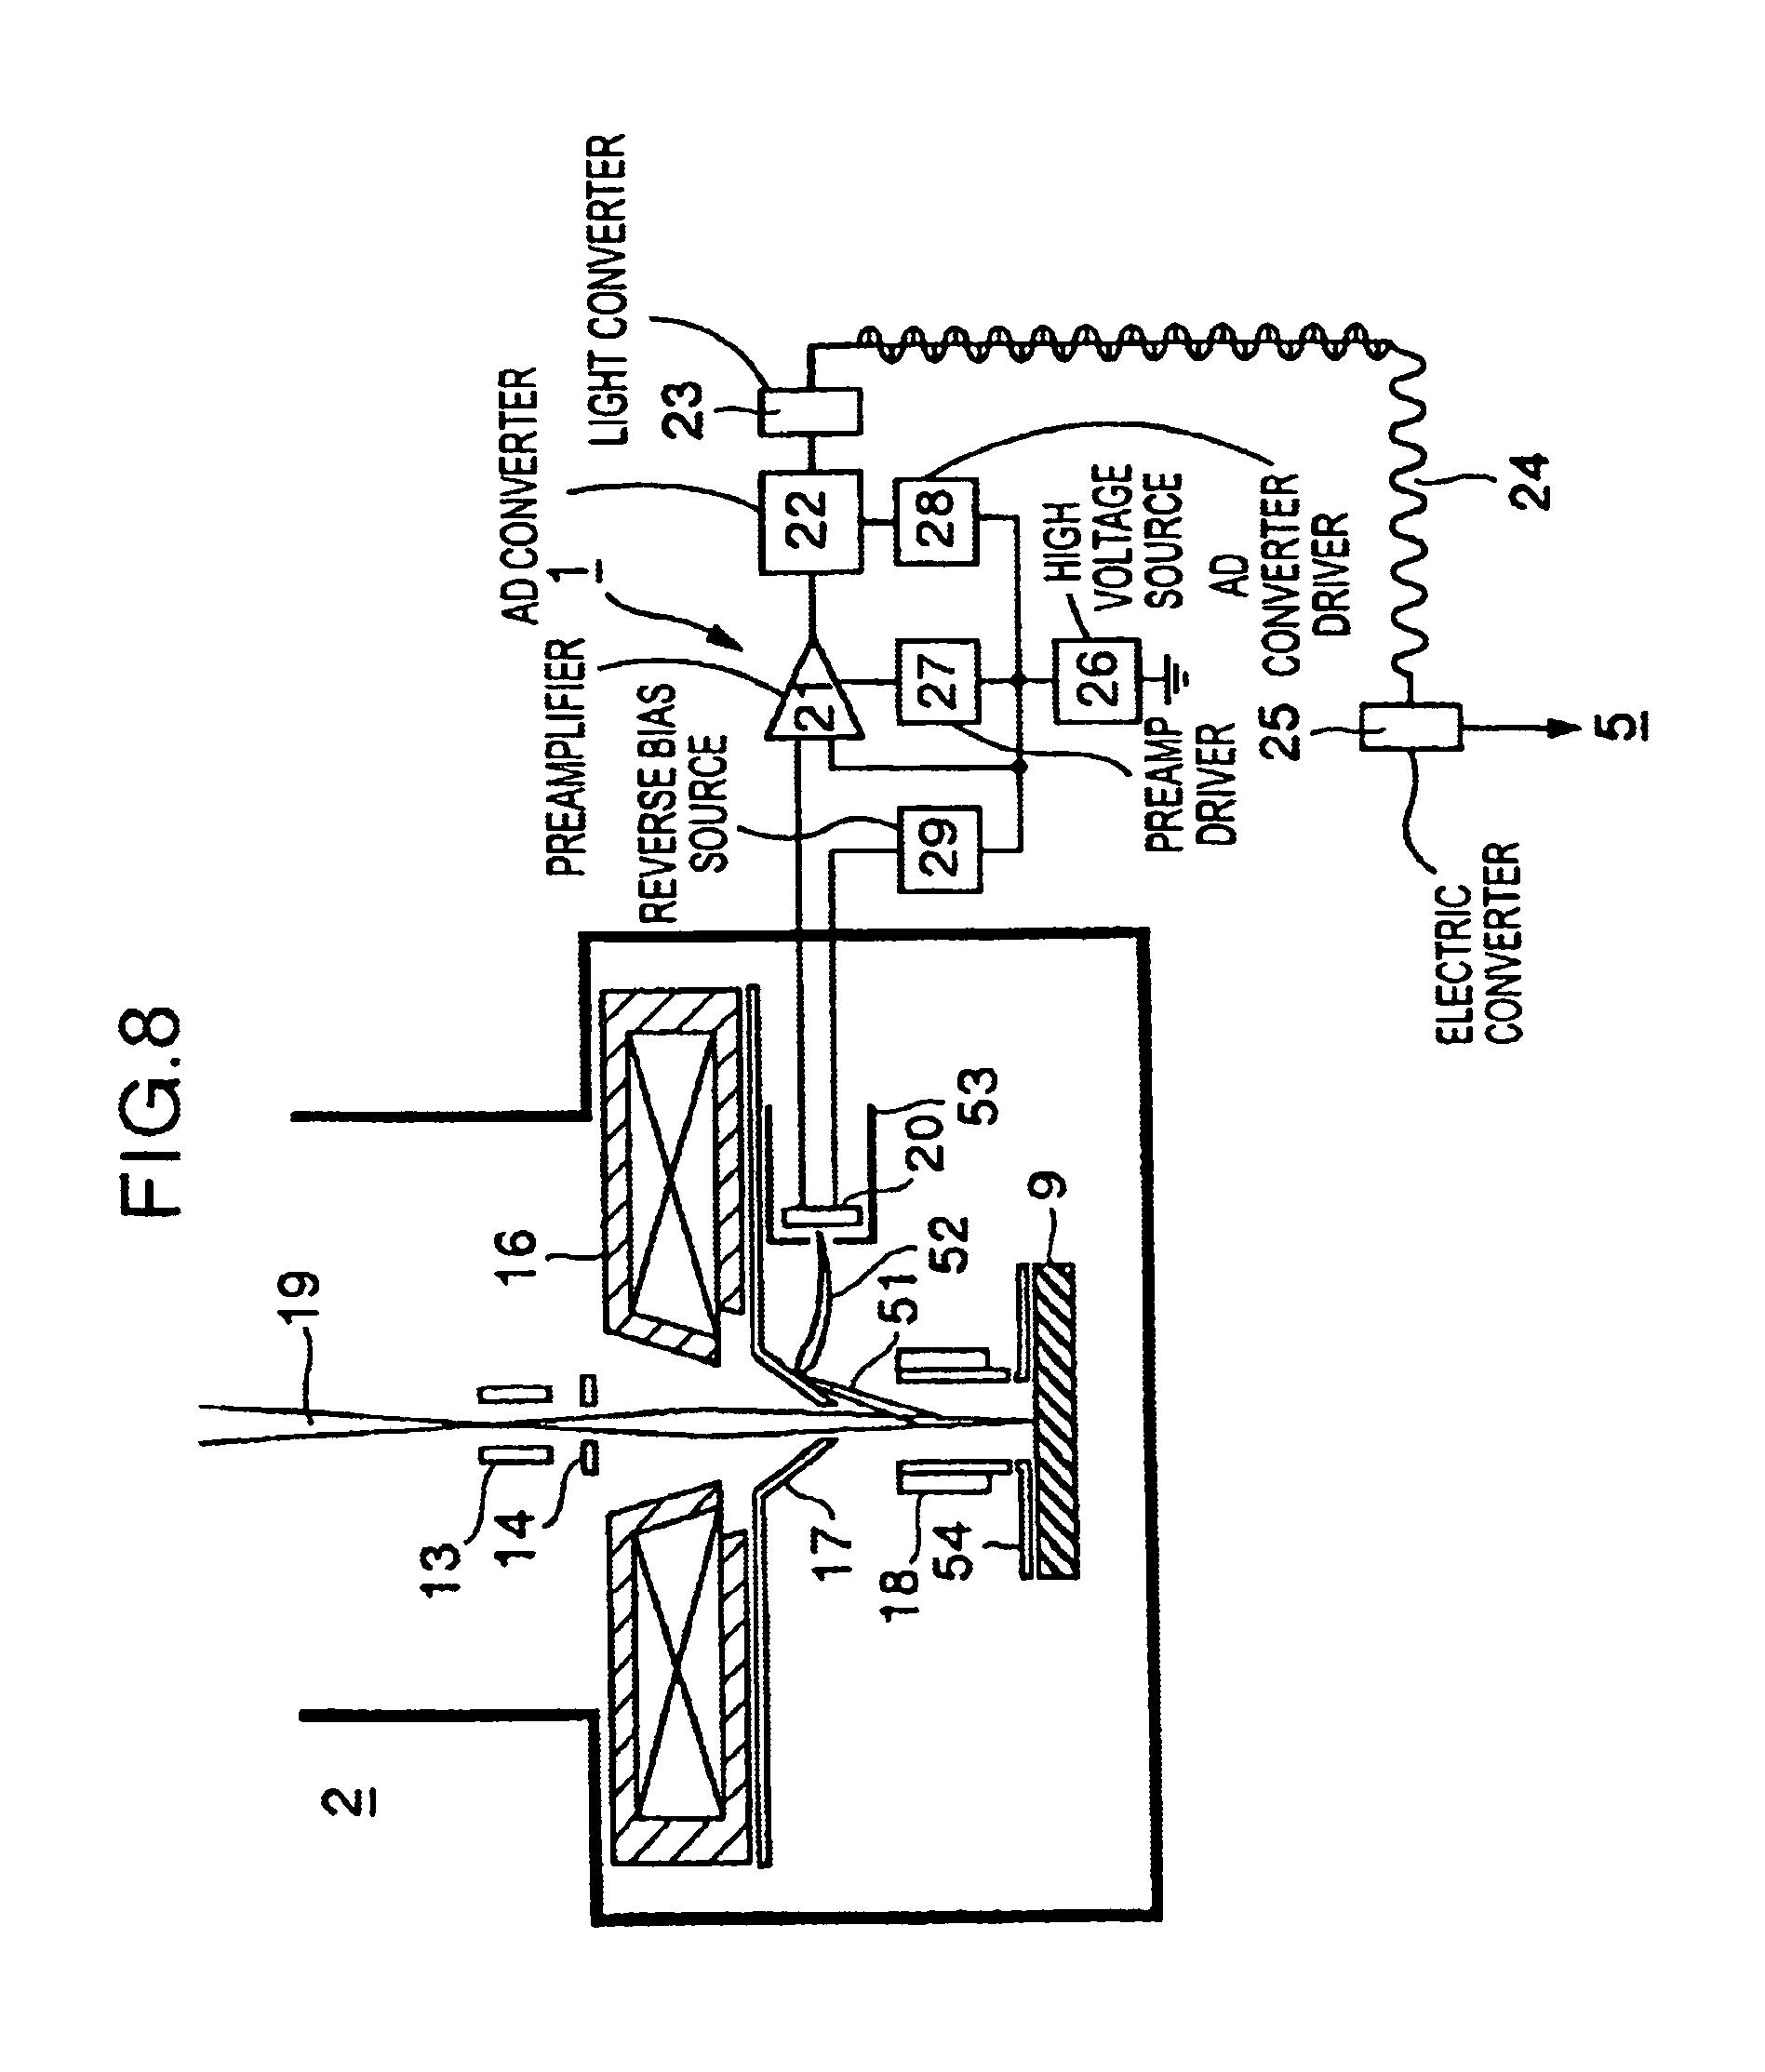 patent us7026830